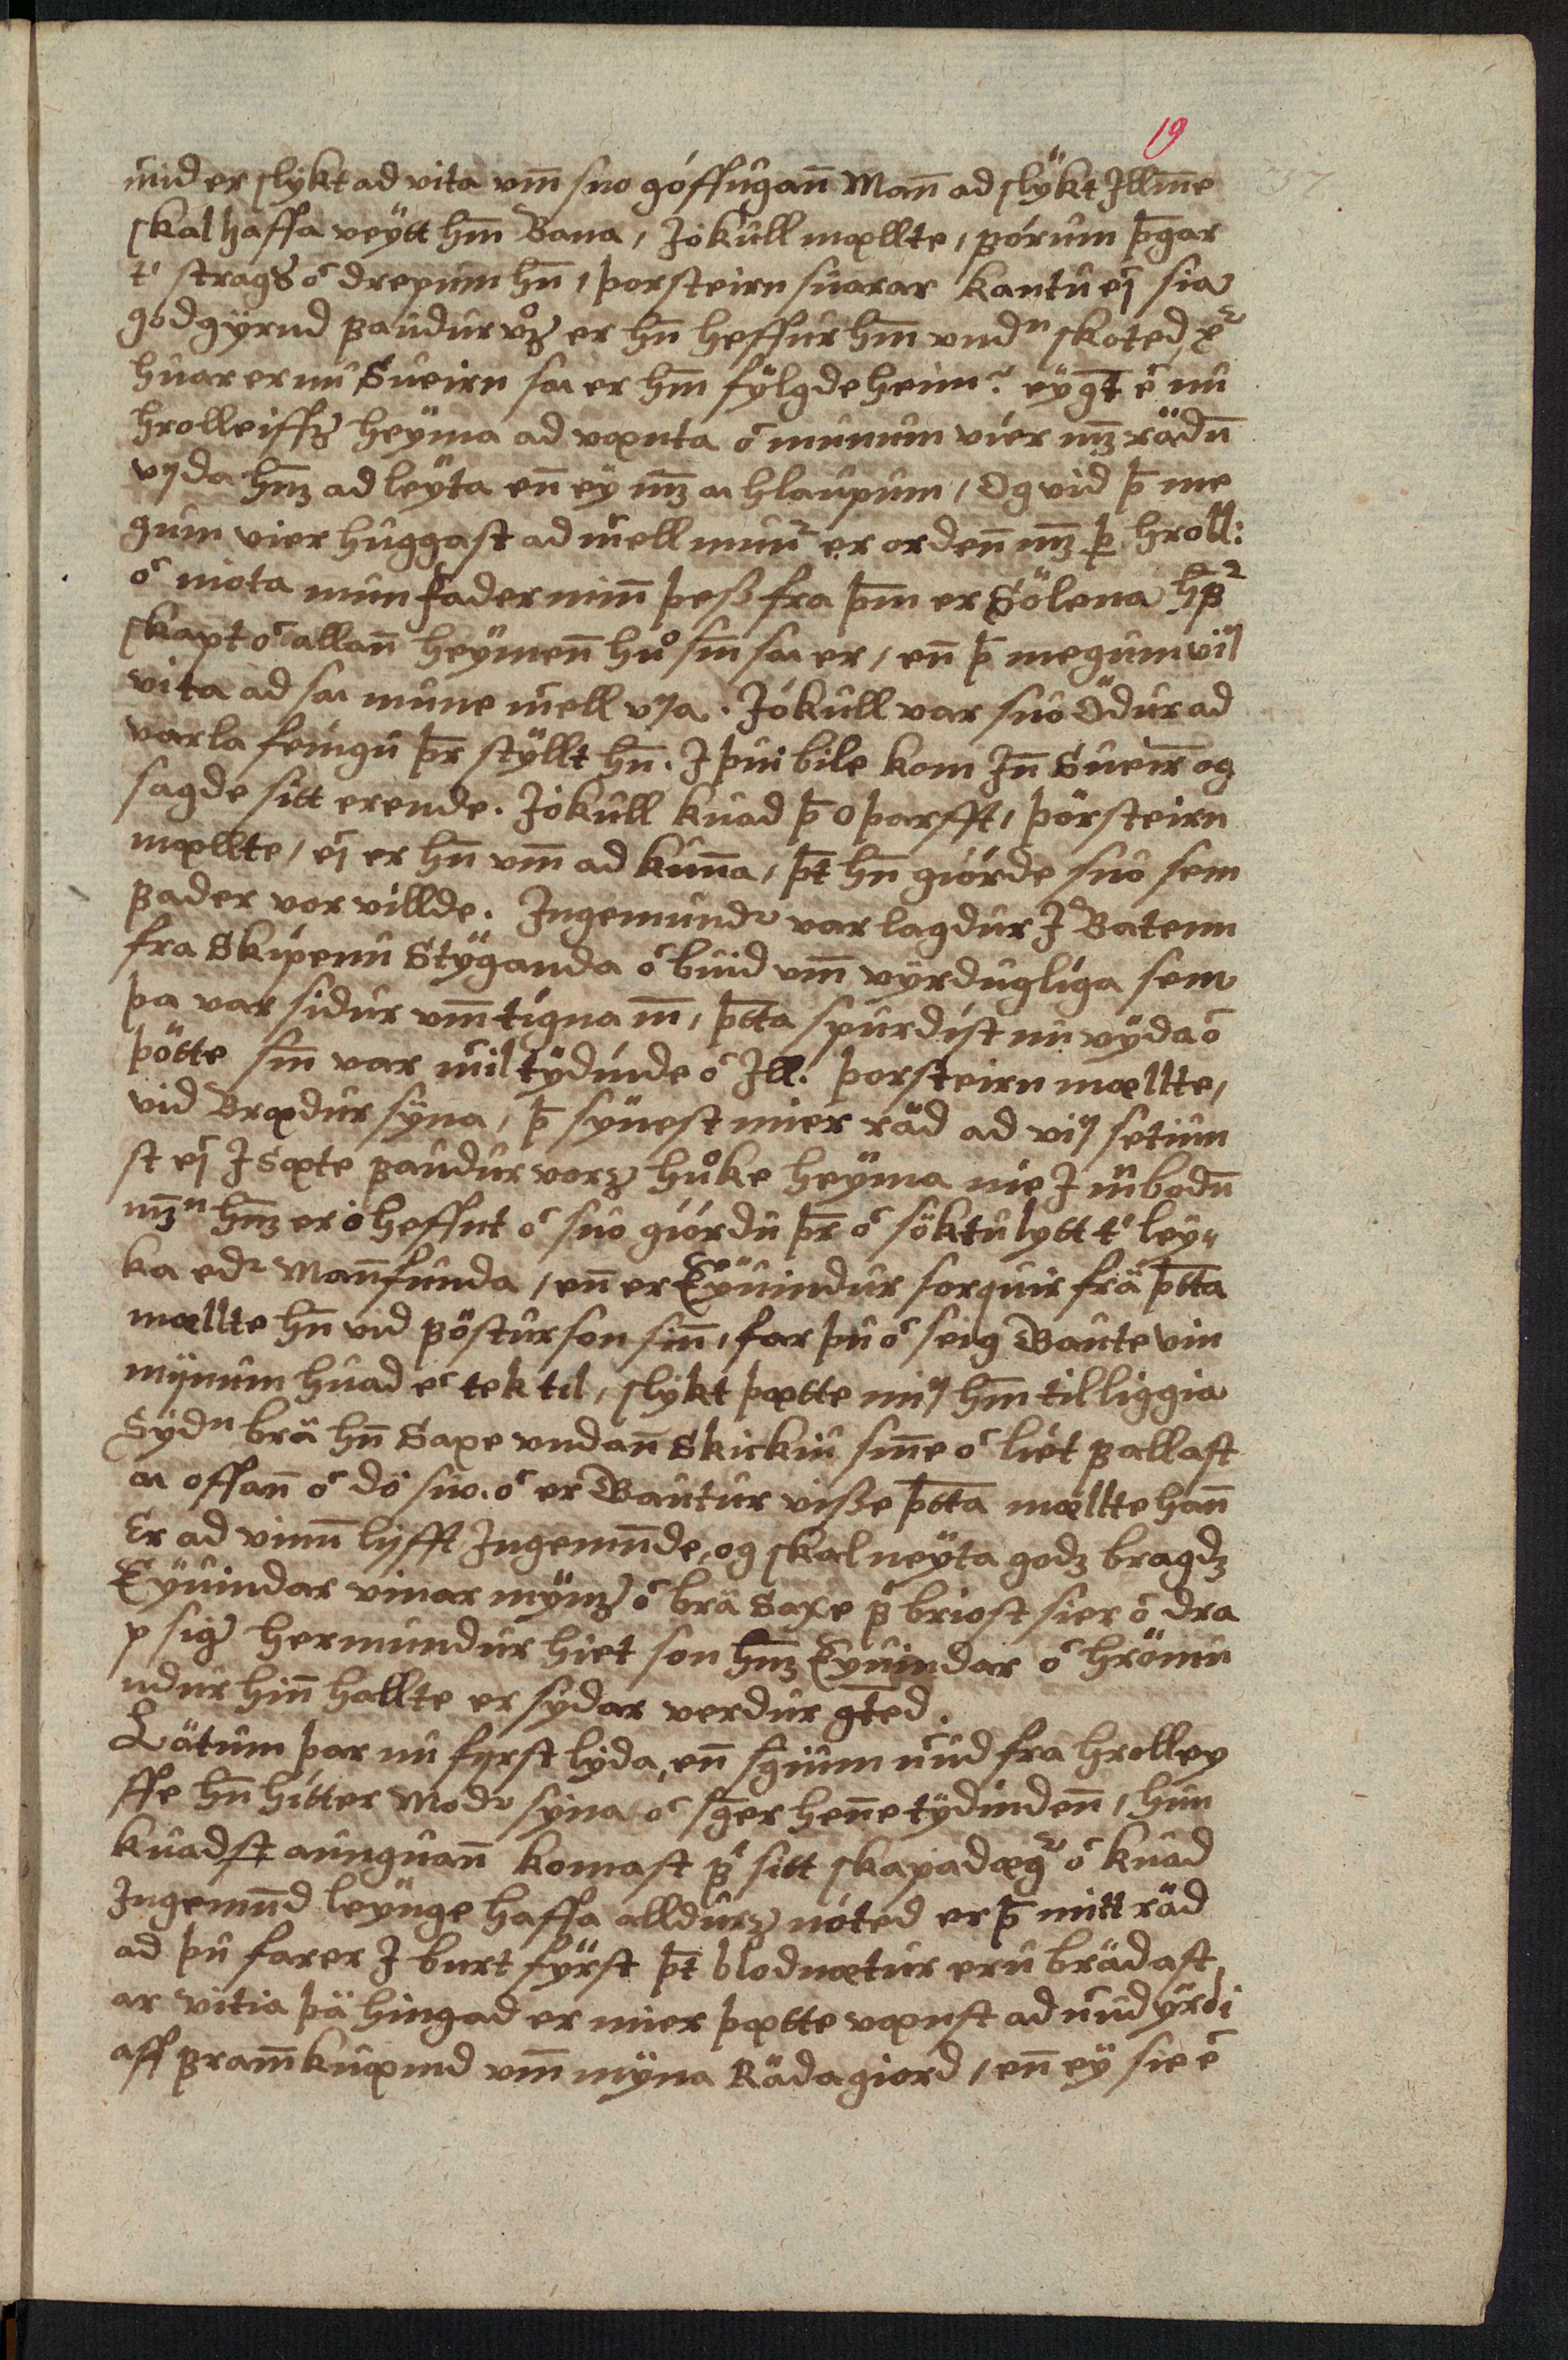 AM 138 fol - 19r